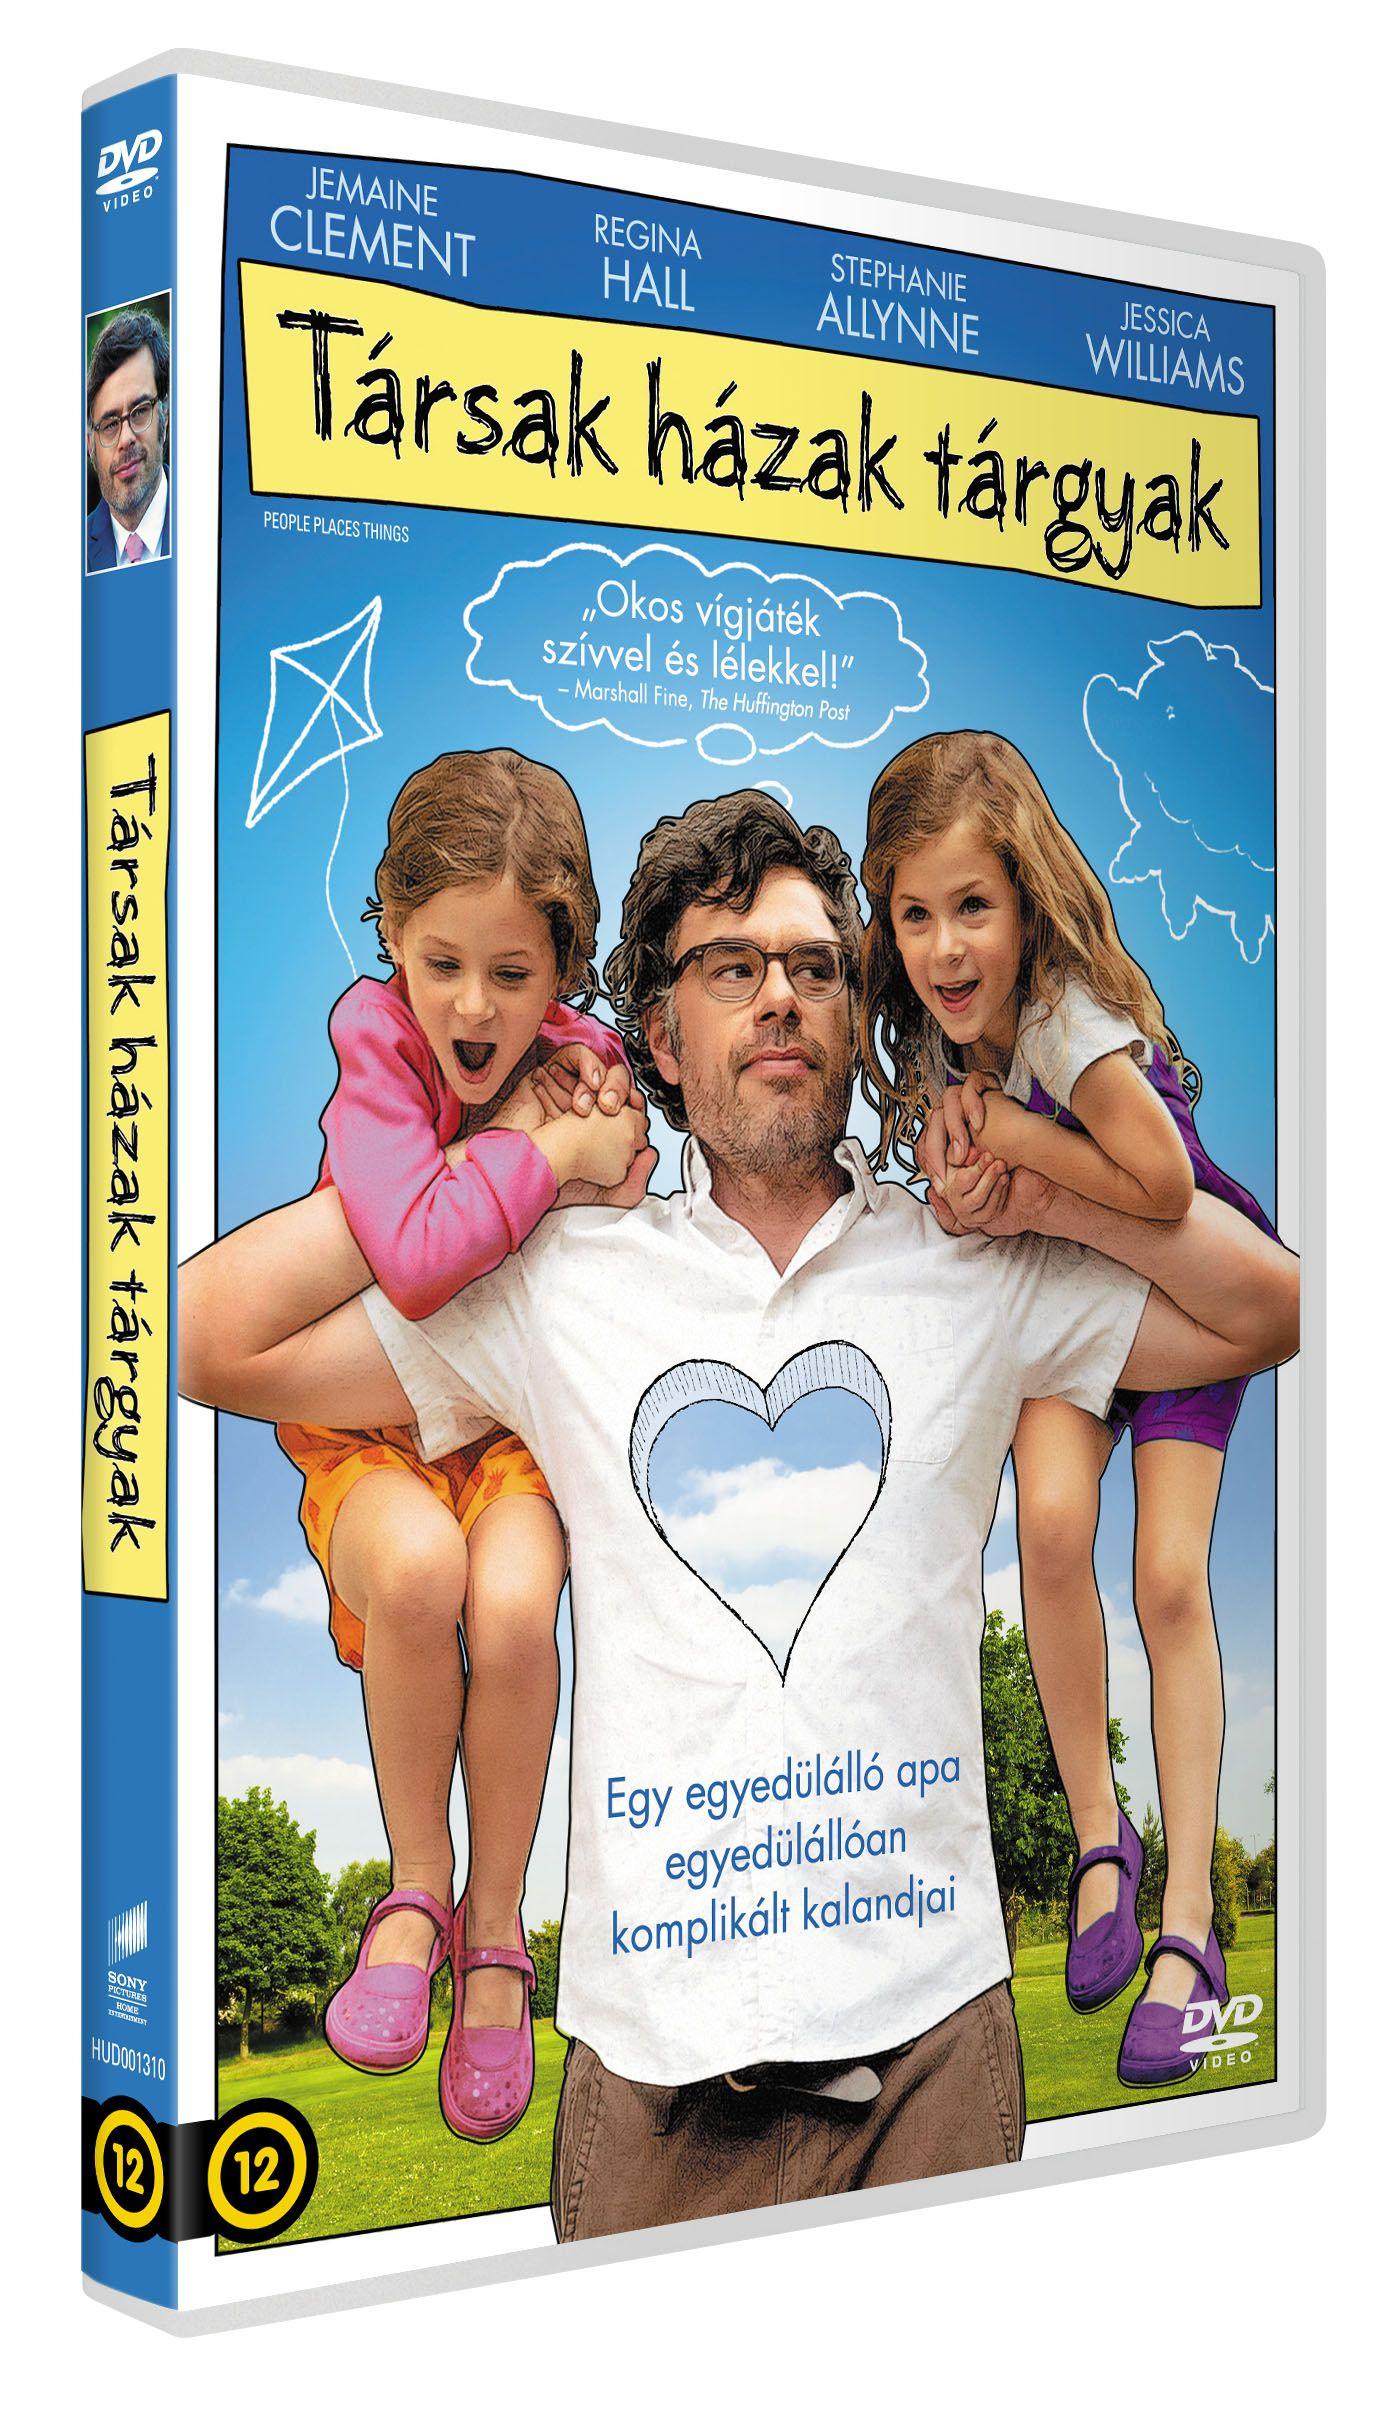 T�rsak, h�zak, t�rgyak DVD